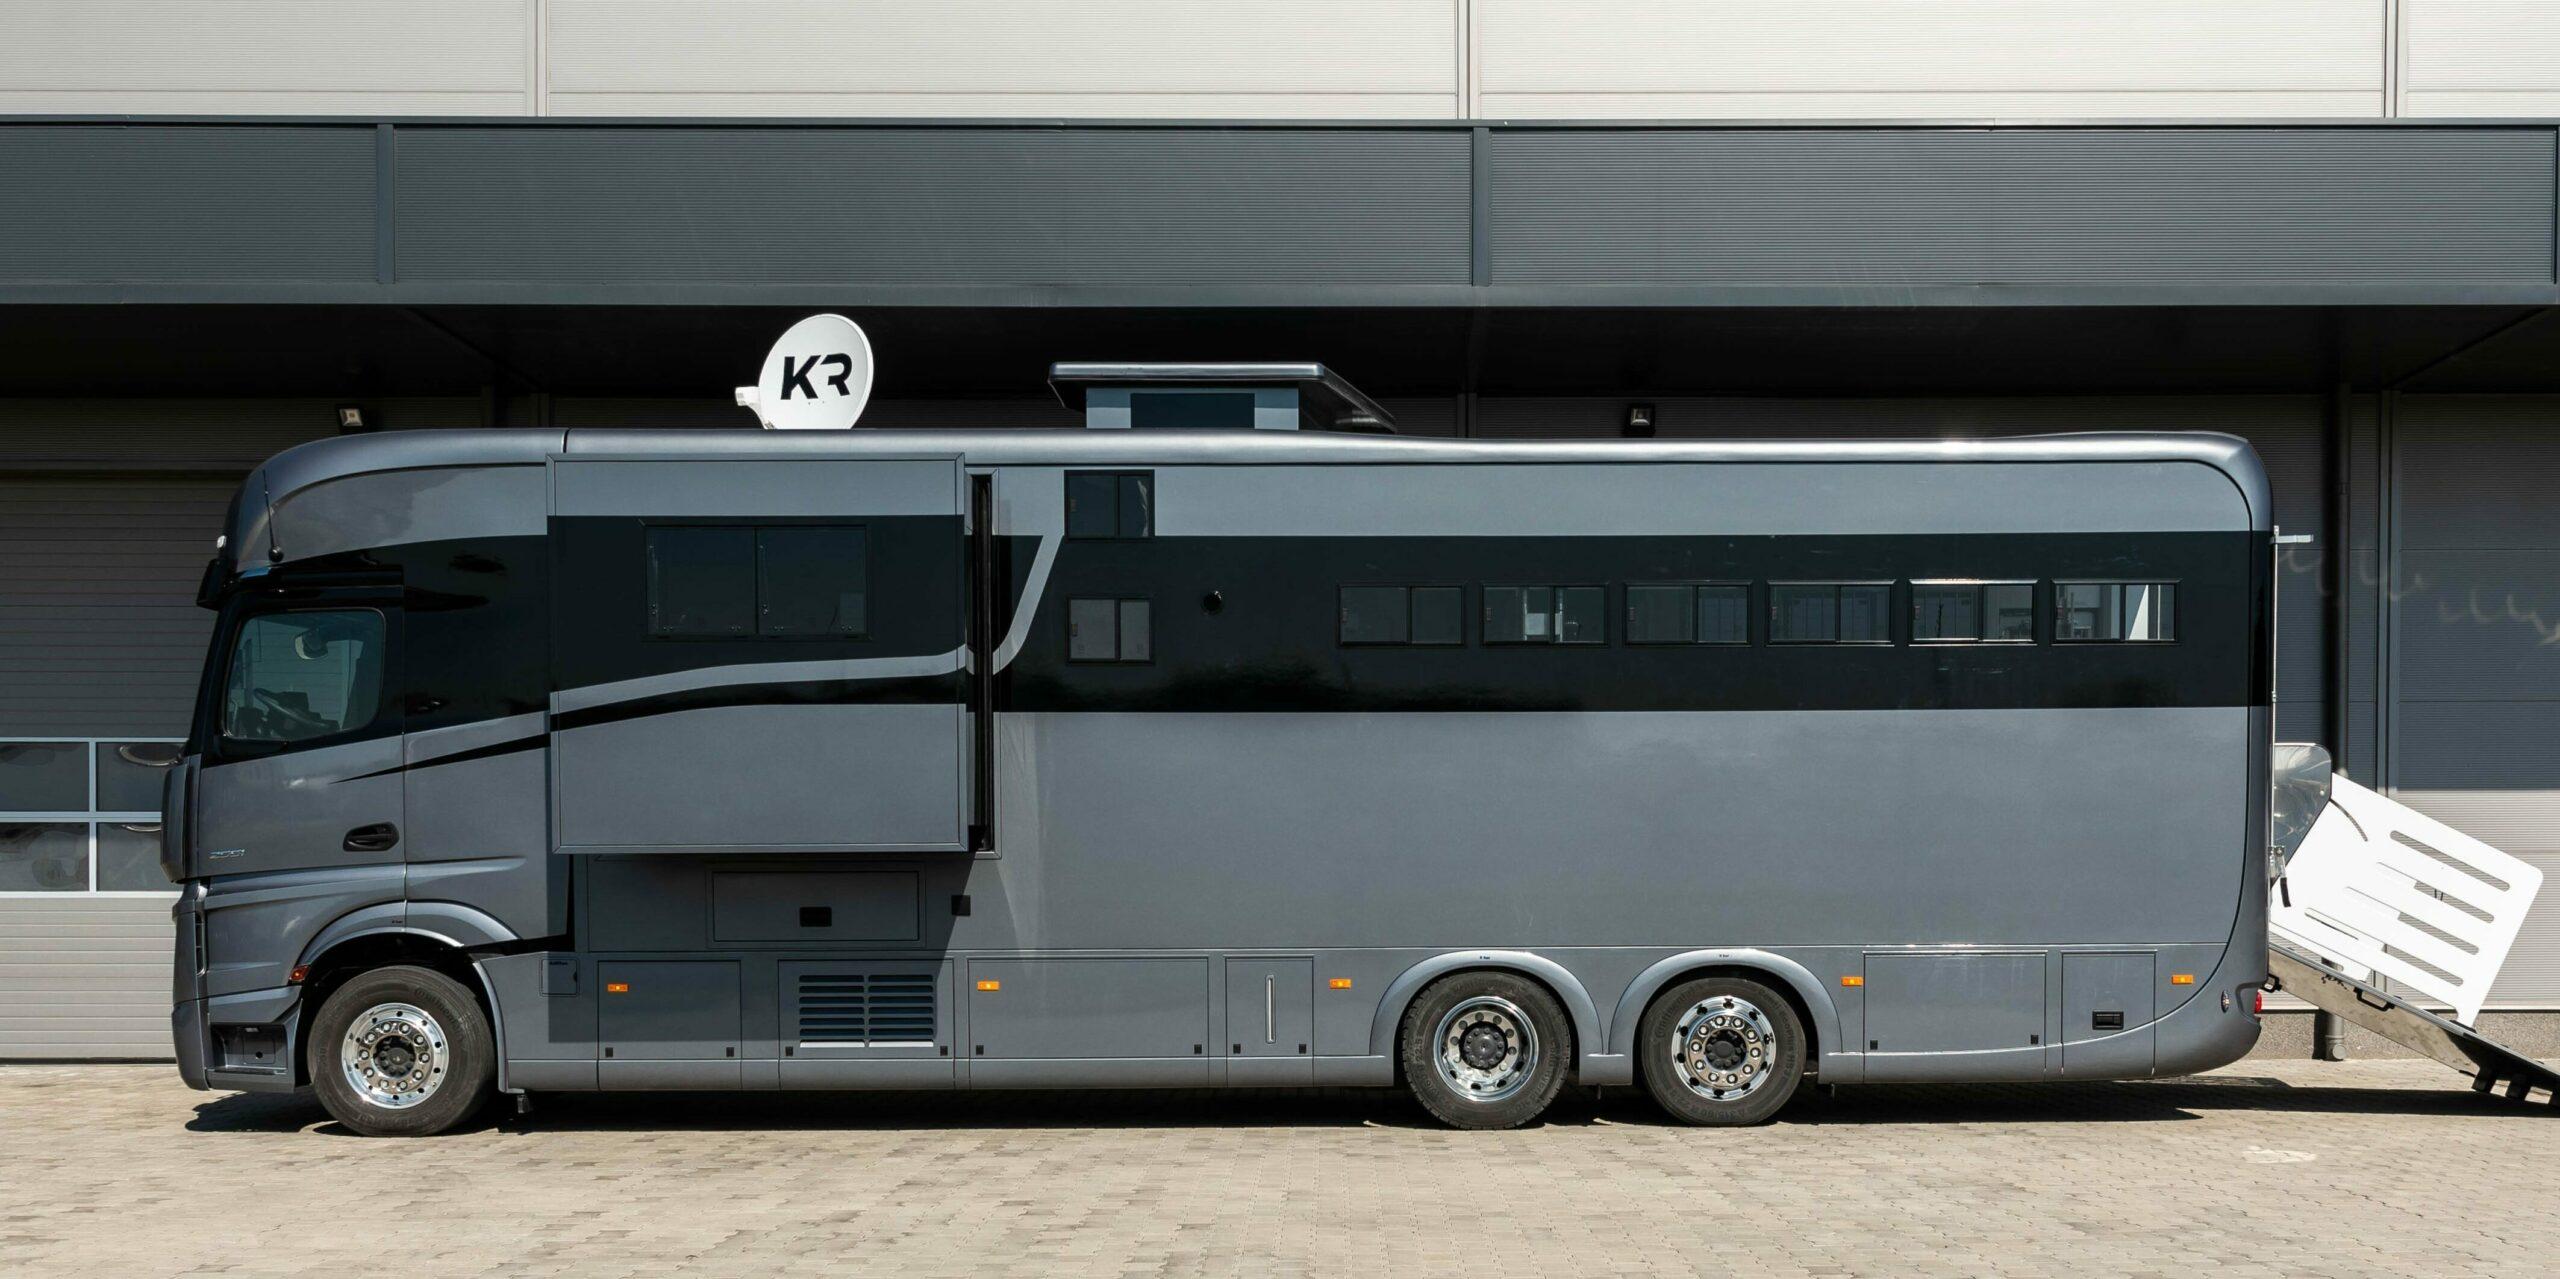 Krismar horse truck met zwarte optische lijn